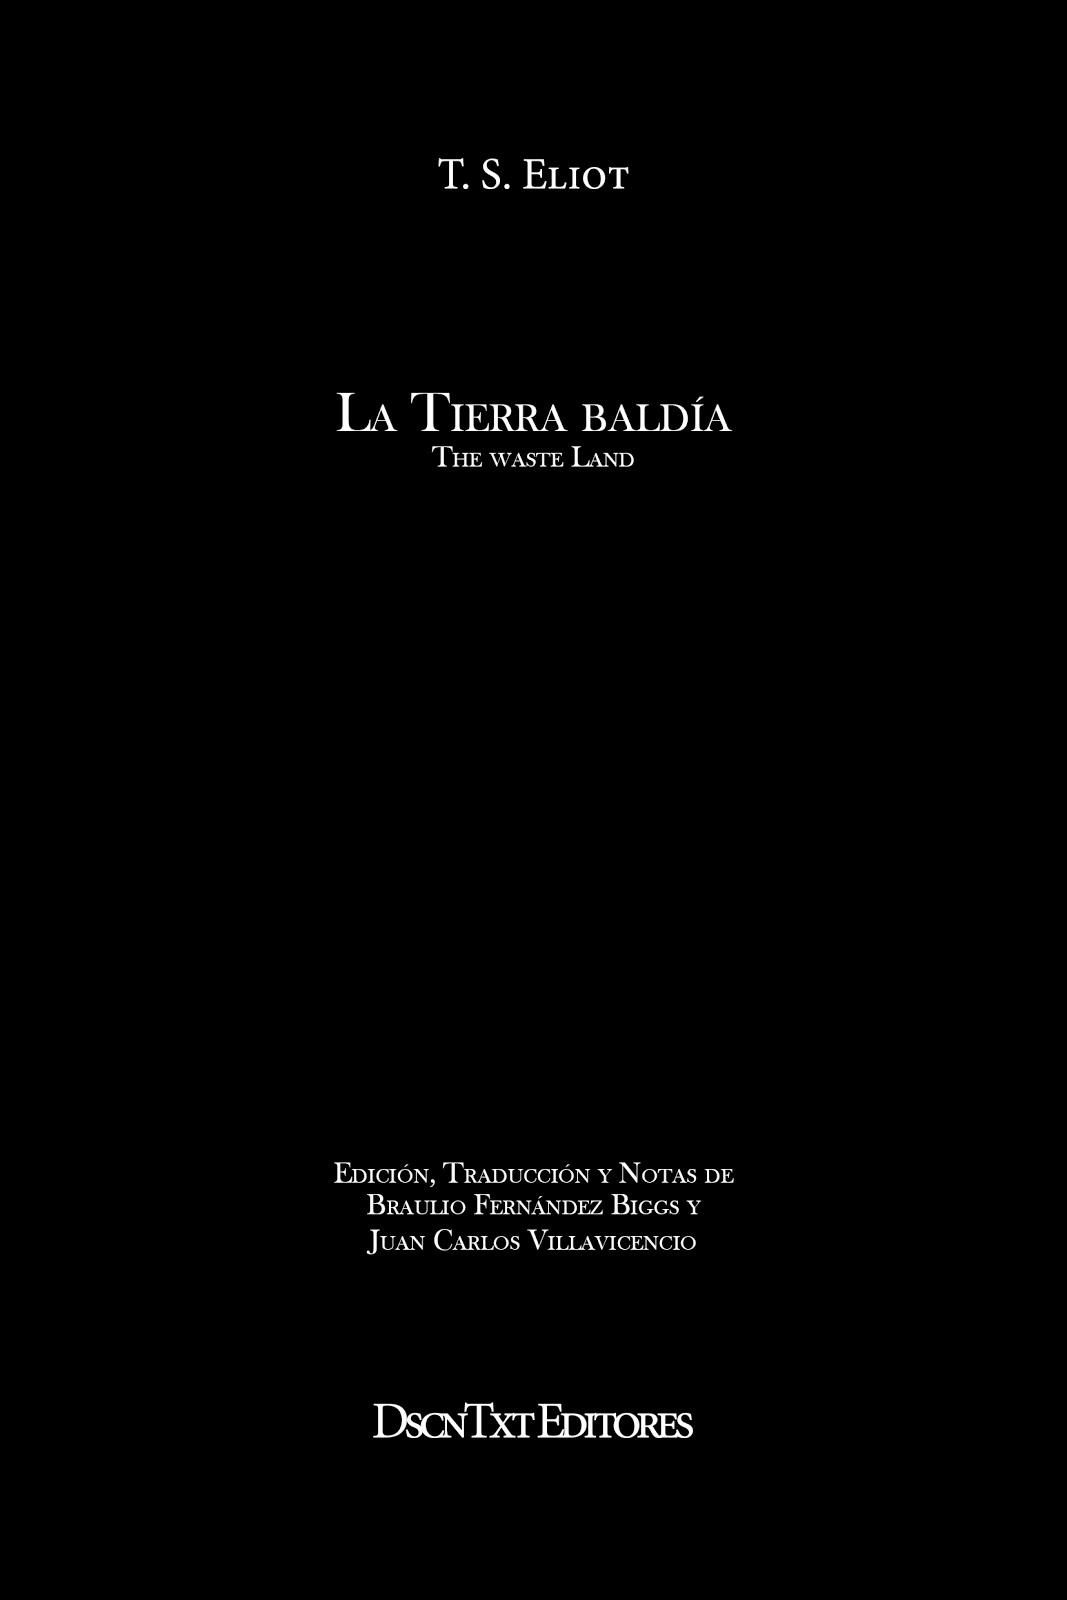 La tierra baldía, de T. S. Eliot. Traducción de Villavicencio y Fernández Biggs